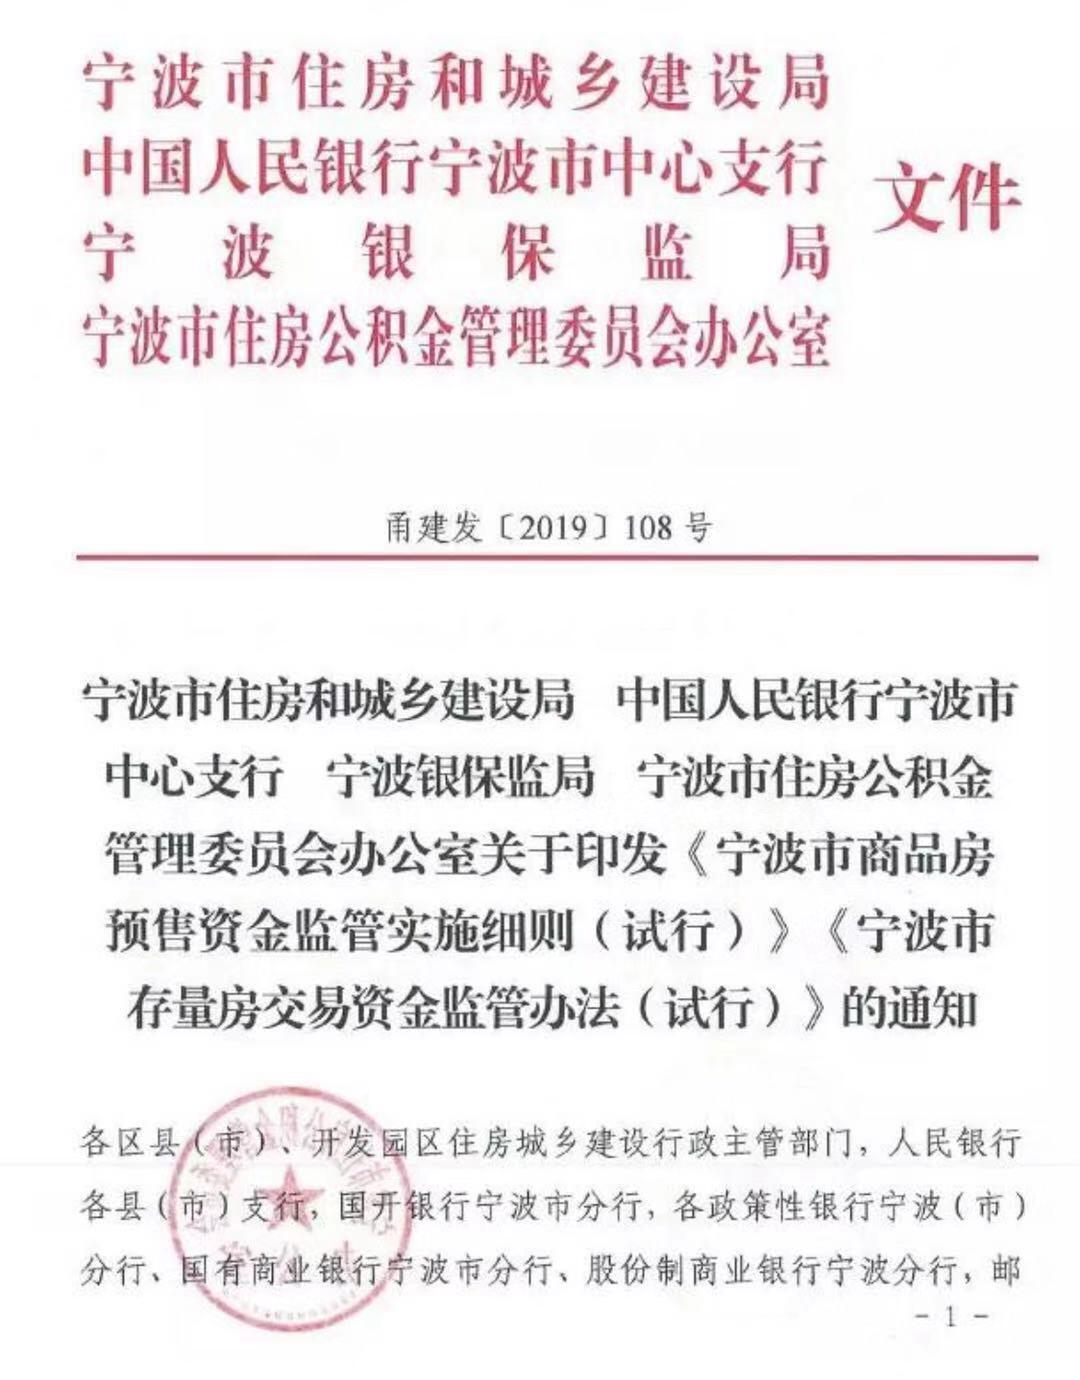 http://www.weixinrensheng.com/shenghuojia/860217.html